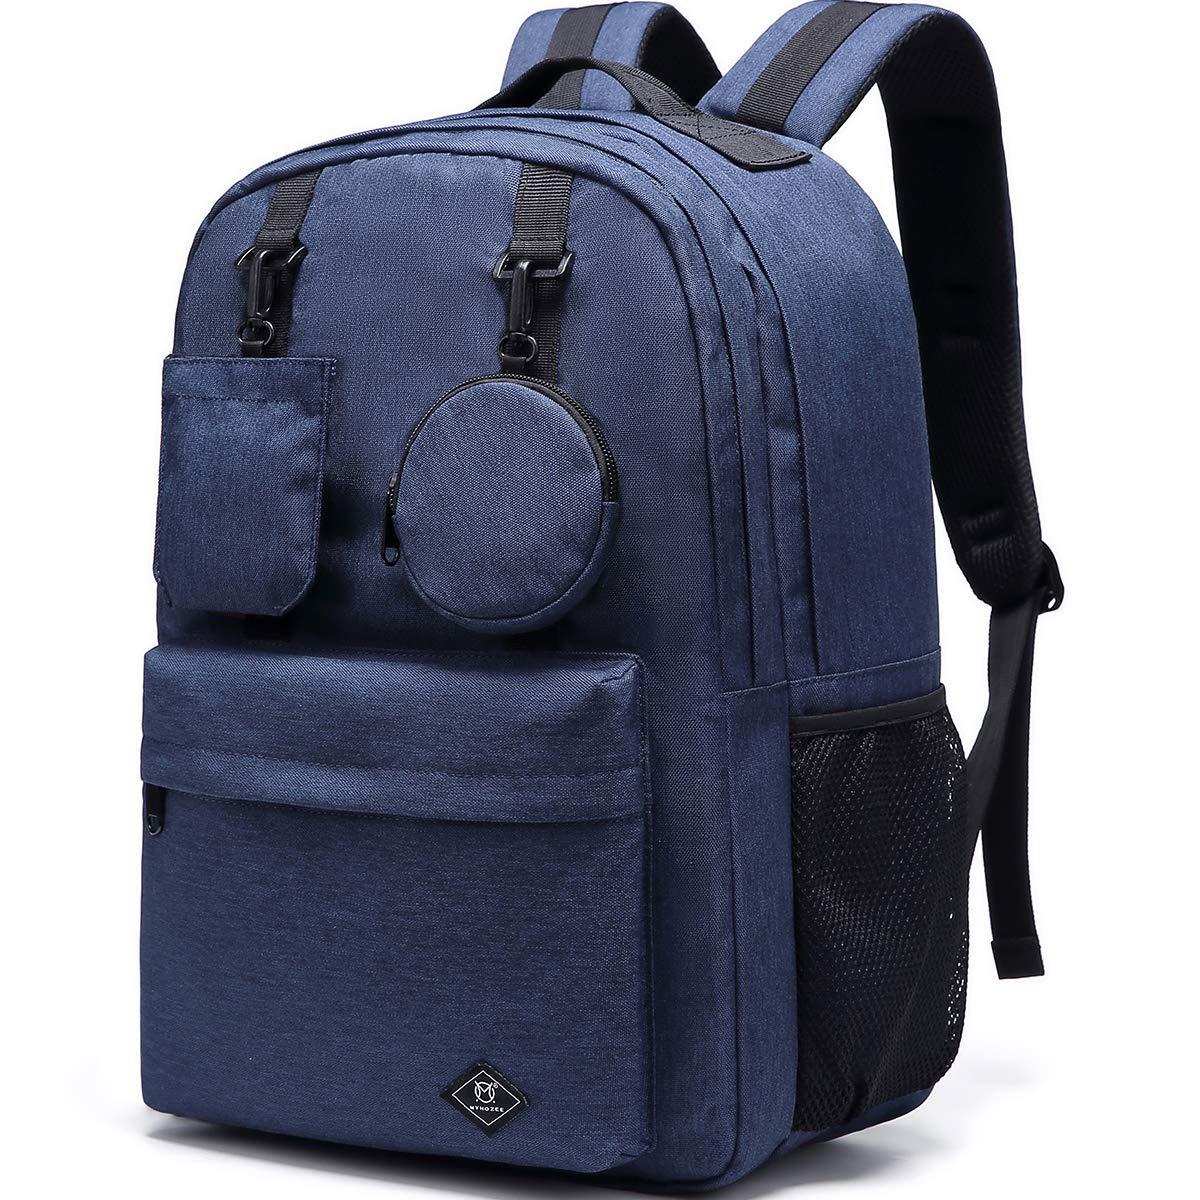 Blu Myhozee Zaino Uomo Donna Zaino per laptop 15.6 Pollici Zaino Scuola Zaini Viaggio Casual Borsa Zainetto in impermeabile Nylon Zaini Unisex Adulto Backpack Multifunzionale Daypack